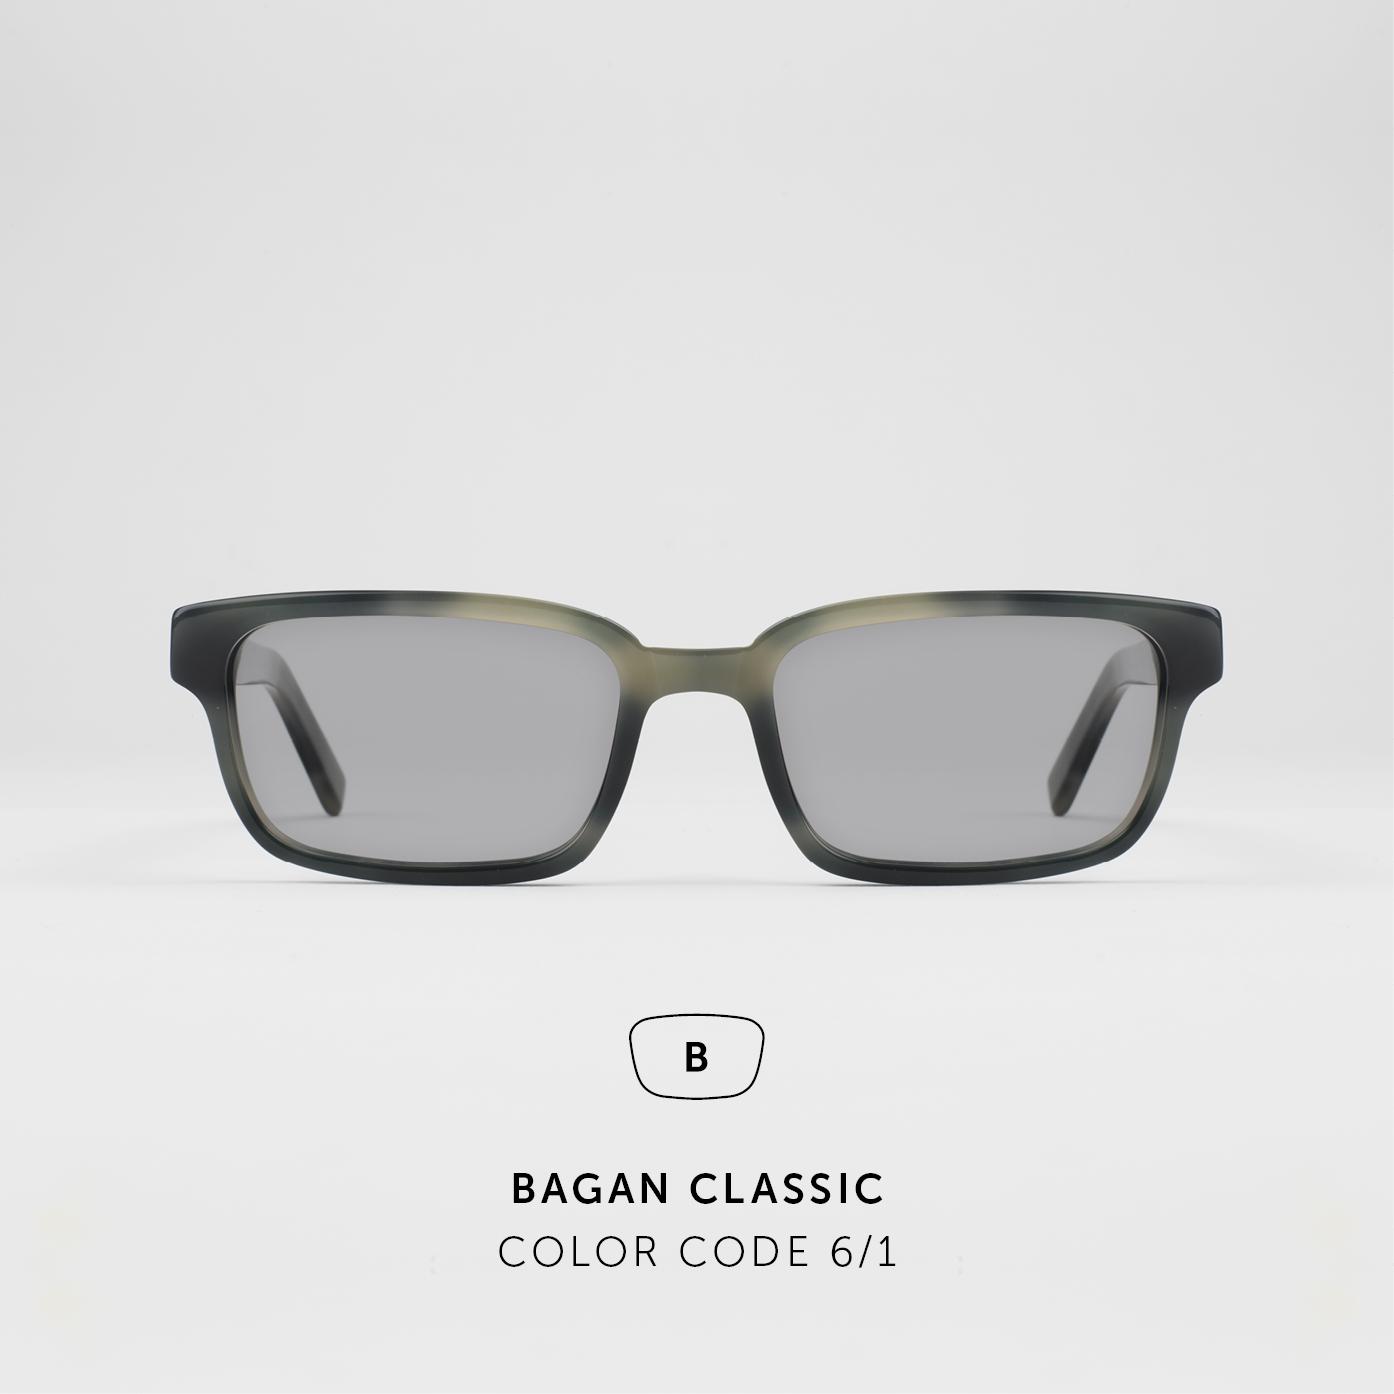 BaganClassic22.jpg